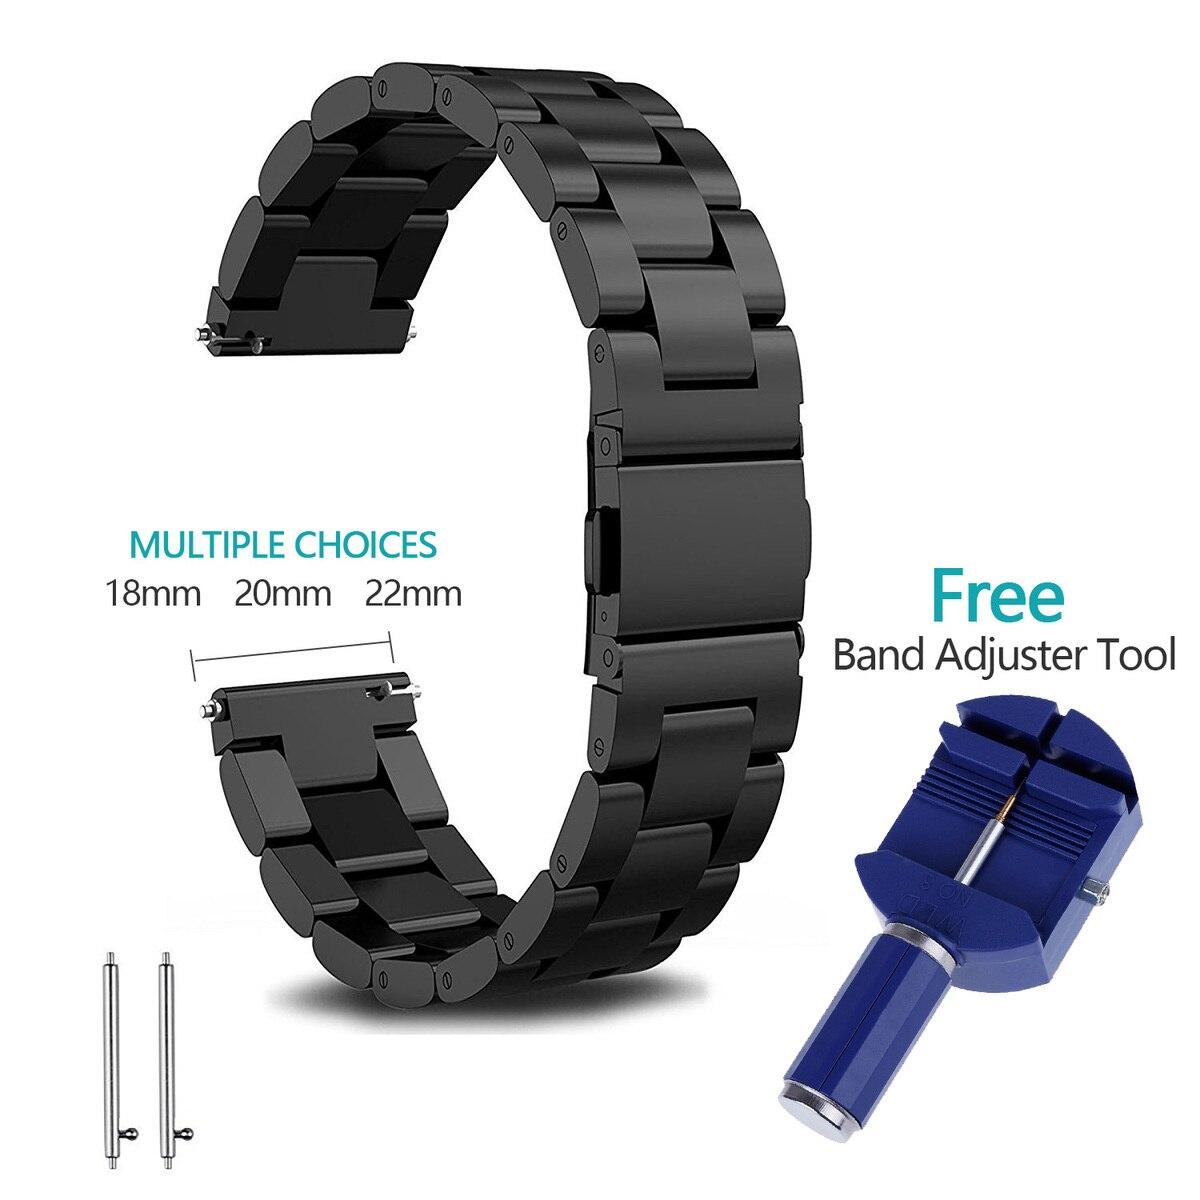 18mm 20mm 22mm correa de reloj de acero inoxidable para Samsung Gear S2 S3 smart Watch Link pulsera negra para el reemplazo de Gear S2